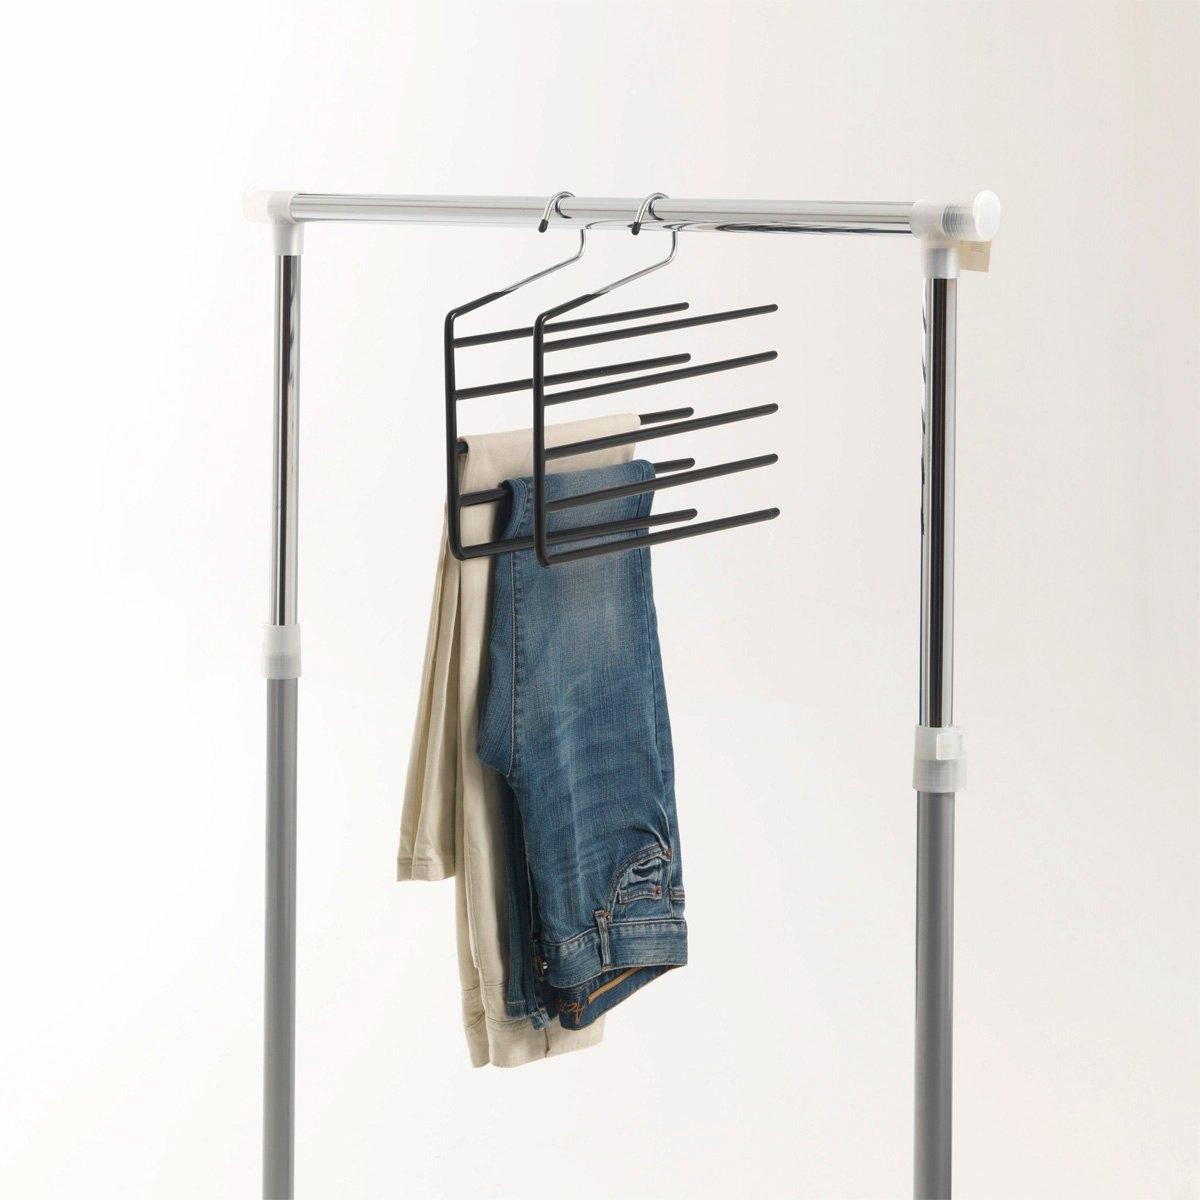 2 вешалки для брюкКомплект из 2 вешалок для брюк из хромированного металла с покрытием из ПВХ. Размеры вешалки для брюк: 34,5 x 34,5 см.<br><br>Цвет: серый хромированный<br>Размер: единый размер